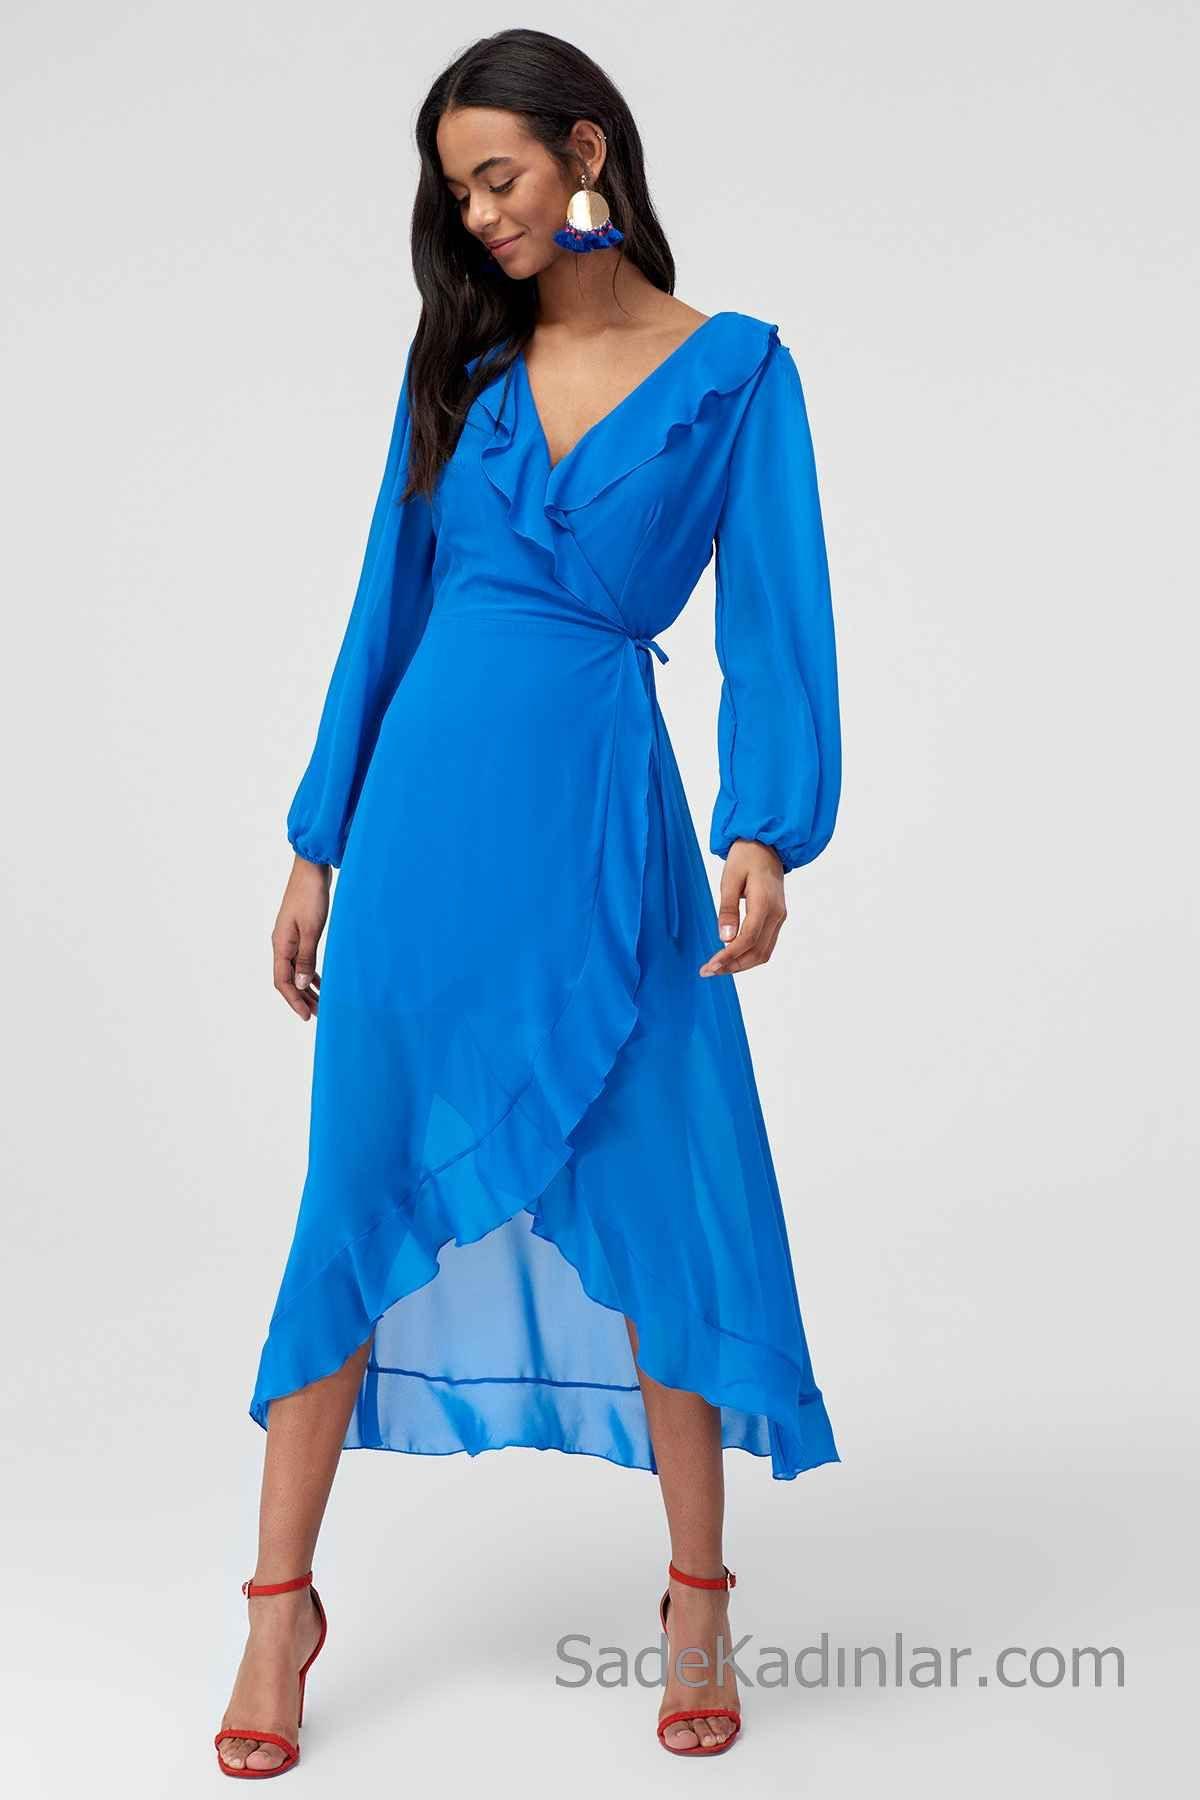 2020 Gunluk Elbise Modelleri Saks Mavi Midi Kruvaze Uzun Kollu Firfirli Elbise Modelleri Elbise Cicekli Elbiseler